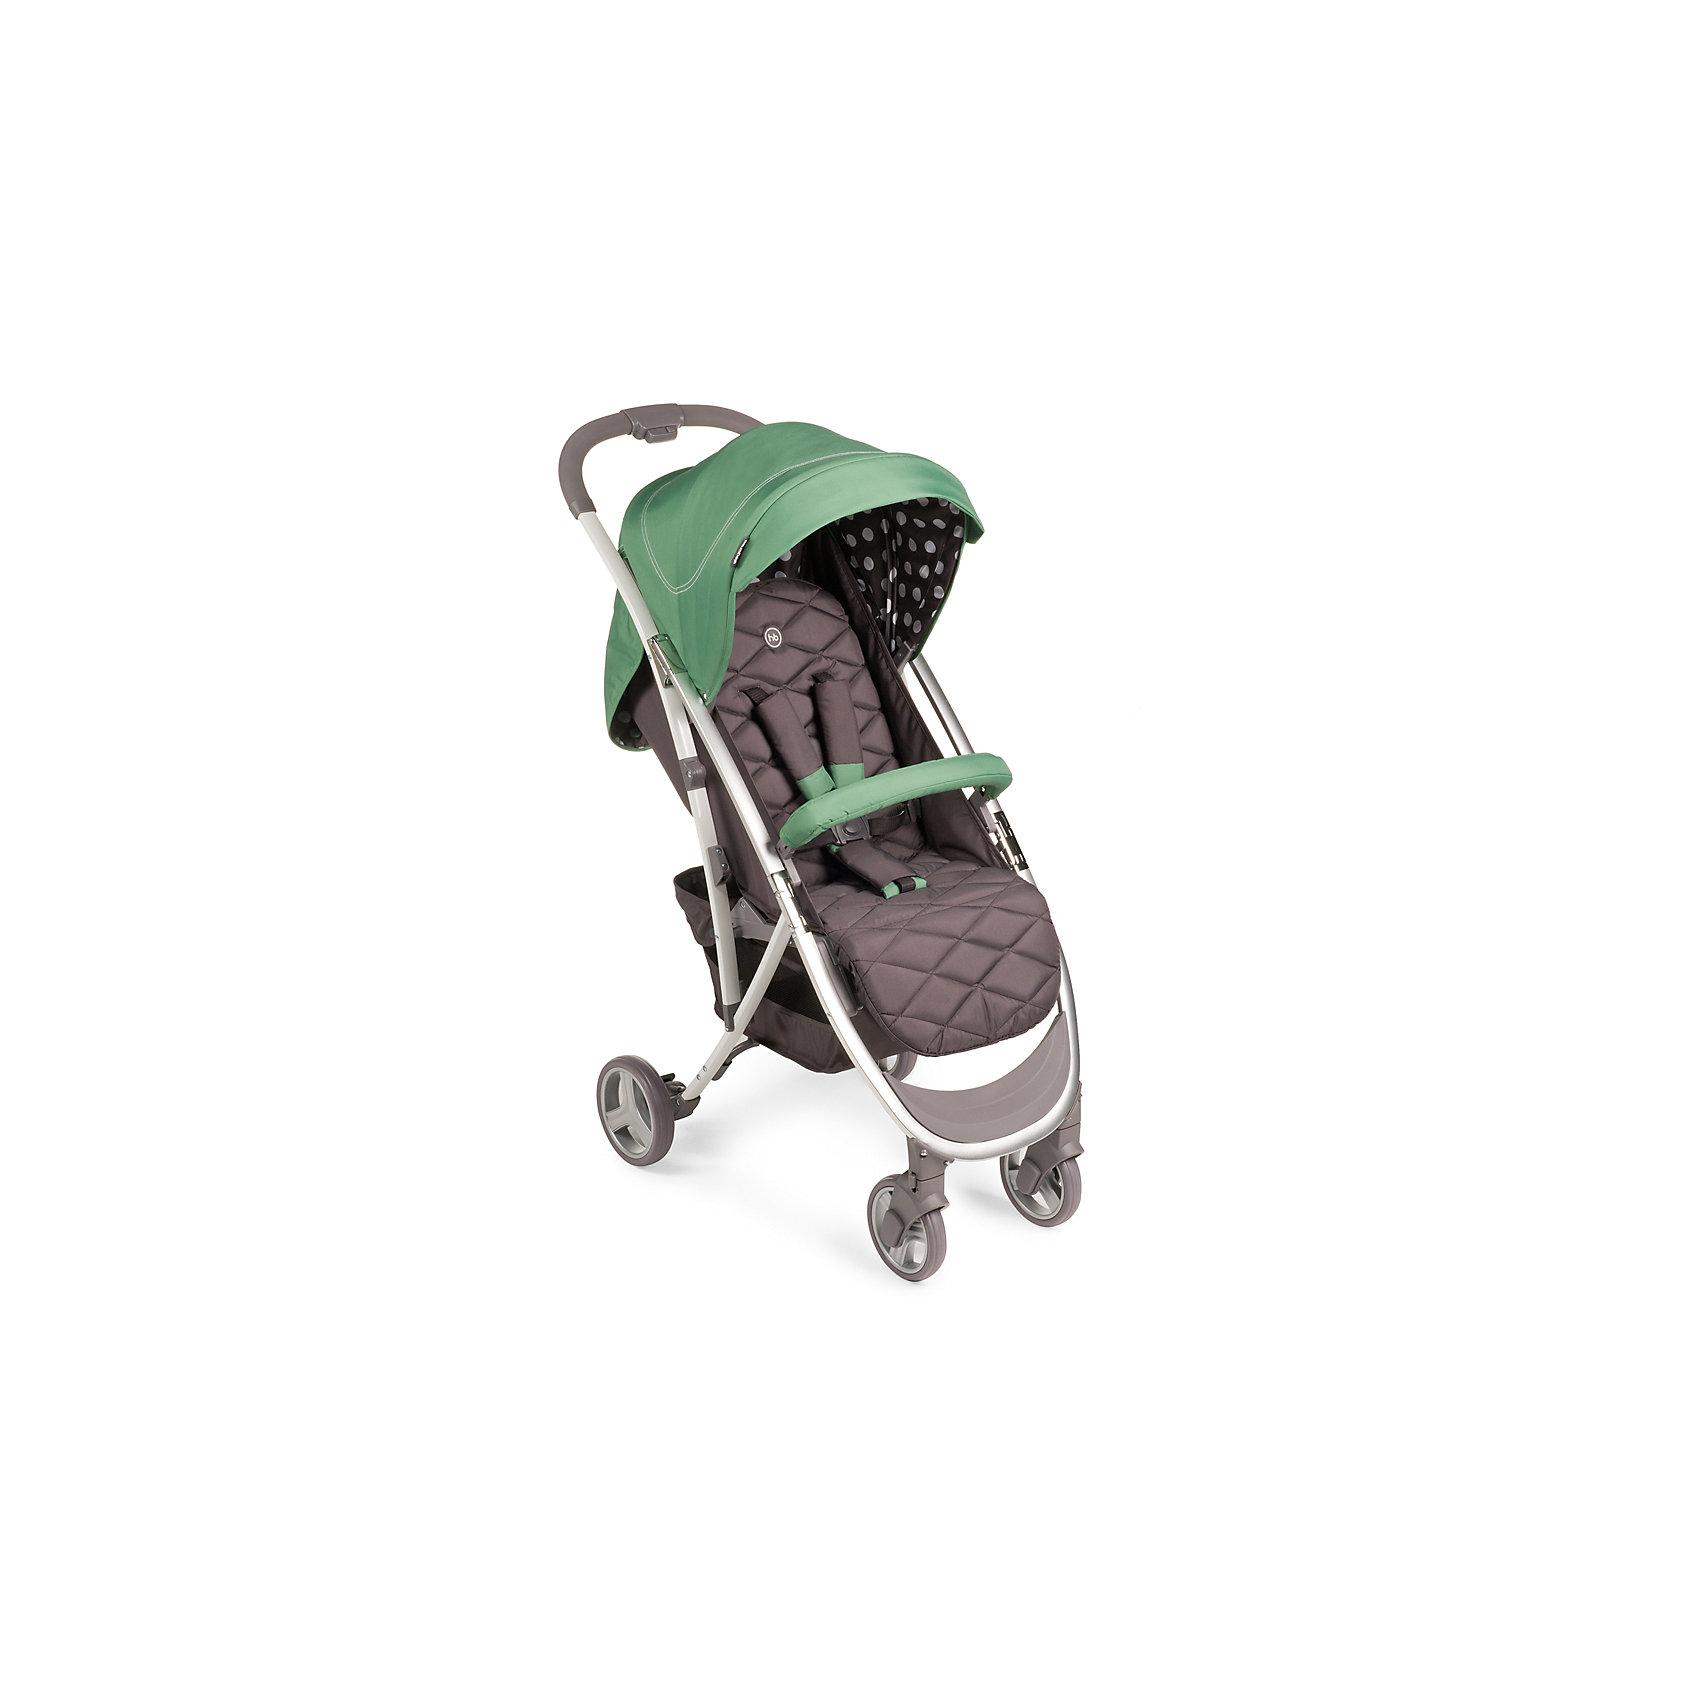 Прогулочная коляска Eleganza, Happy Baby, зеленыйМодель ELEGANZA объединяет в себе стиль и отличные ходовые данные, которые по достоинству оценят как владельцы коляски, так и окружающие. Коляска легко складывается одной рукой, имеет амортизацию на передних и задних колесах и занимает мало места в сложенном виде. При весе всего 7,7 кг коляска ELEGANZA имеет съемный бампер, козырек с окошком, регулируемую спинку. Комплектуется дождевиком, чехлом на ножки, москитной сеткой и корзиной.   <br><br>Дополнительная информация:<br><br>Габариты в разложенном виде: 88 х 50 х 107 см<br>Габариты в сложенном виде: 63 х 50 х 31 см<br>Максимальный вес ребенка: 15 кг<br>Длина спинки: 45см<br>Ширина сиденья: 34 см<br>Глубина сиденья: 22 см<br>Длина спального места: 86 см<br>Кол-во положений спинки: 3<br>Углы наклона спинки: 100, 120, 170<br>Подножка регулируется: 2 положения<br>Ширина колесной базы: 50 см<br>Передние поворотные колеса (360°) с возможностью фиксации <br>Задние колеса оснащены тормозным механизмом<br>Амортизация передних и задних колес<br>Cскладывается одной рукой<br>Съемный бампер                                 <br>В сложенном виде занимает мало места                                                                                   <br>Капюшон со смотровым окошком  <br>Вместительная корзина для покупок<br>Тип складывания: книжка<br>Вес коляски: 7,7 кг<br>Пятиточечные ремни безопасности с мягкими накладками<br>Колеса: пластиковые с покрытием EVA (этиленвинилацетат)<br>Диаметр колес: передние — 15,2 см, задние — 17,8 см<br>Удобная тормозная педаль<br>В комплекте: дождевик, чехол на ножки, москитная сетка<br>Материал:<br>Рама: металл, пластик<br>Тканные материалы: 100 % полиэстер<br><br><br>Прогулочную коляску Eleganza, Happy Baby, зеленый можно купить в нашем магазине.<br><br>Ширина мм: 250<br>Глубина мм: 445<br>Высота мм: 700<br>Вес г: 8900<br>Цвет: зеленый<br>Возраст от месяцев: 7<br>Возраст до месяцев: 36<br>Пол: Унисекс<br>Возраст: Детский<br>SKU: 4580597